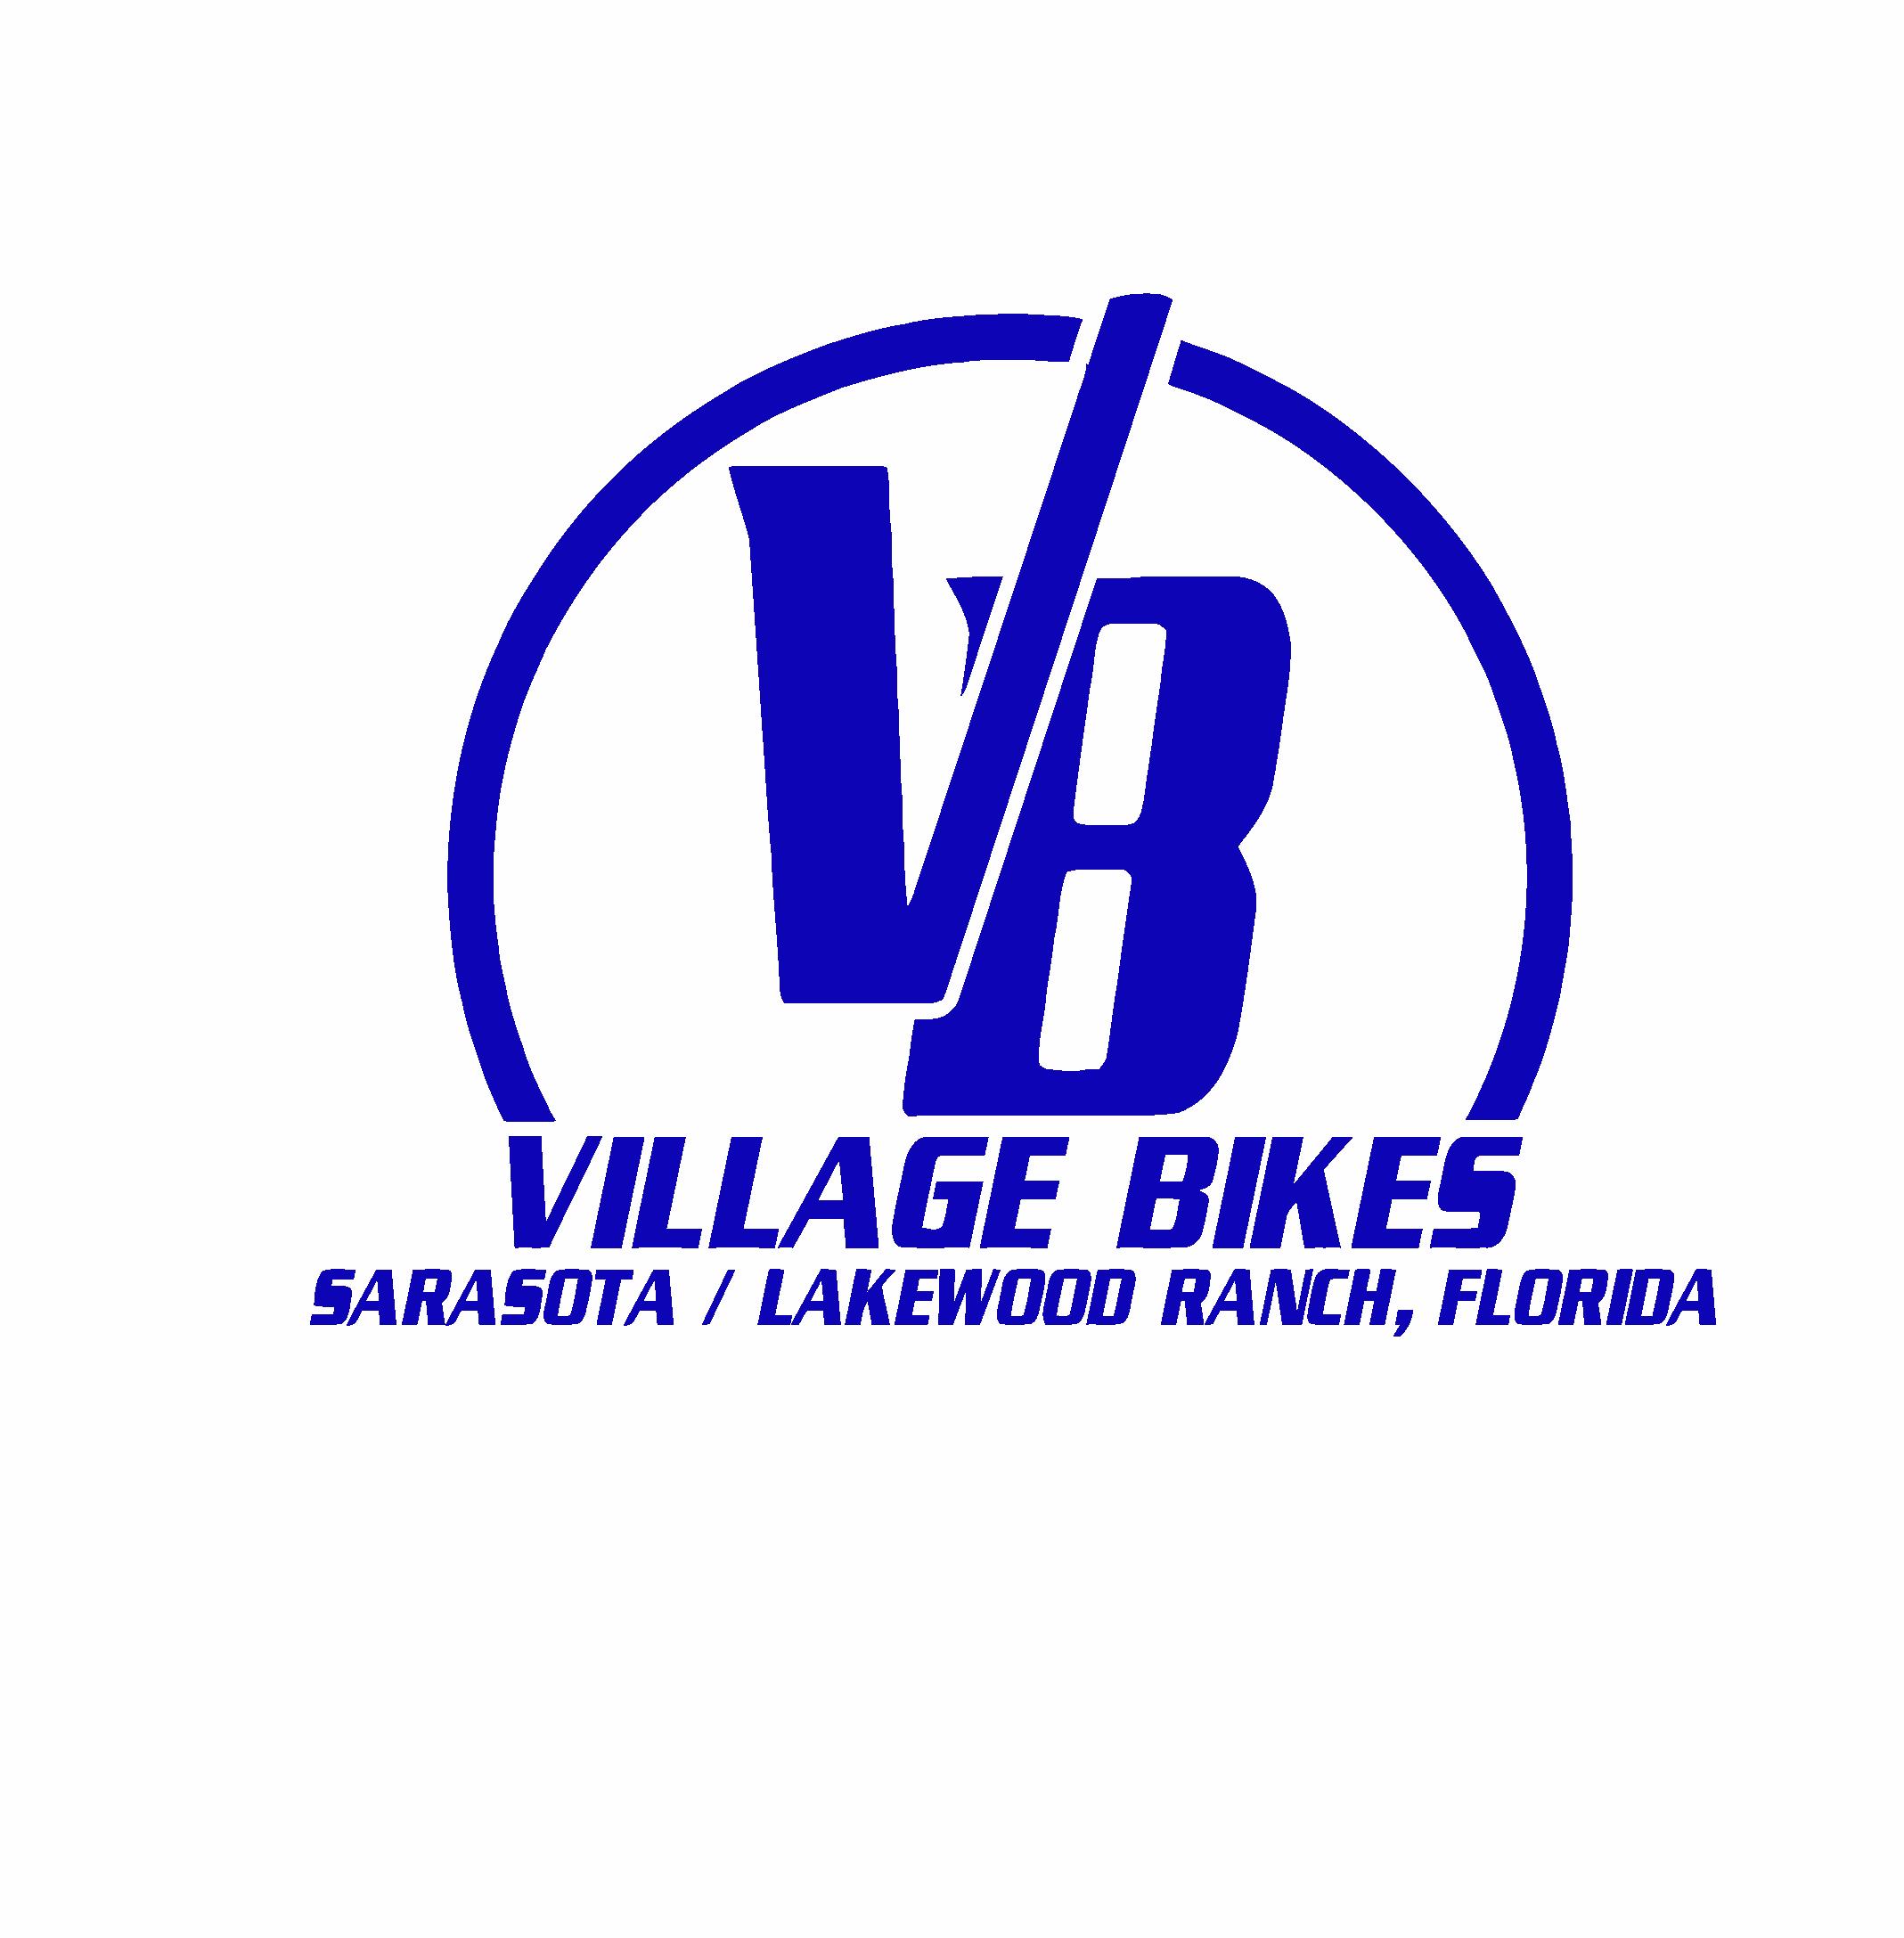 Village Bikes